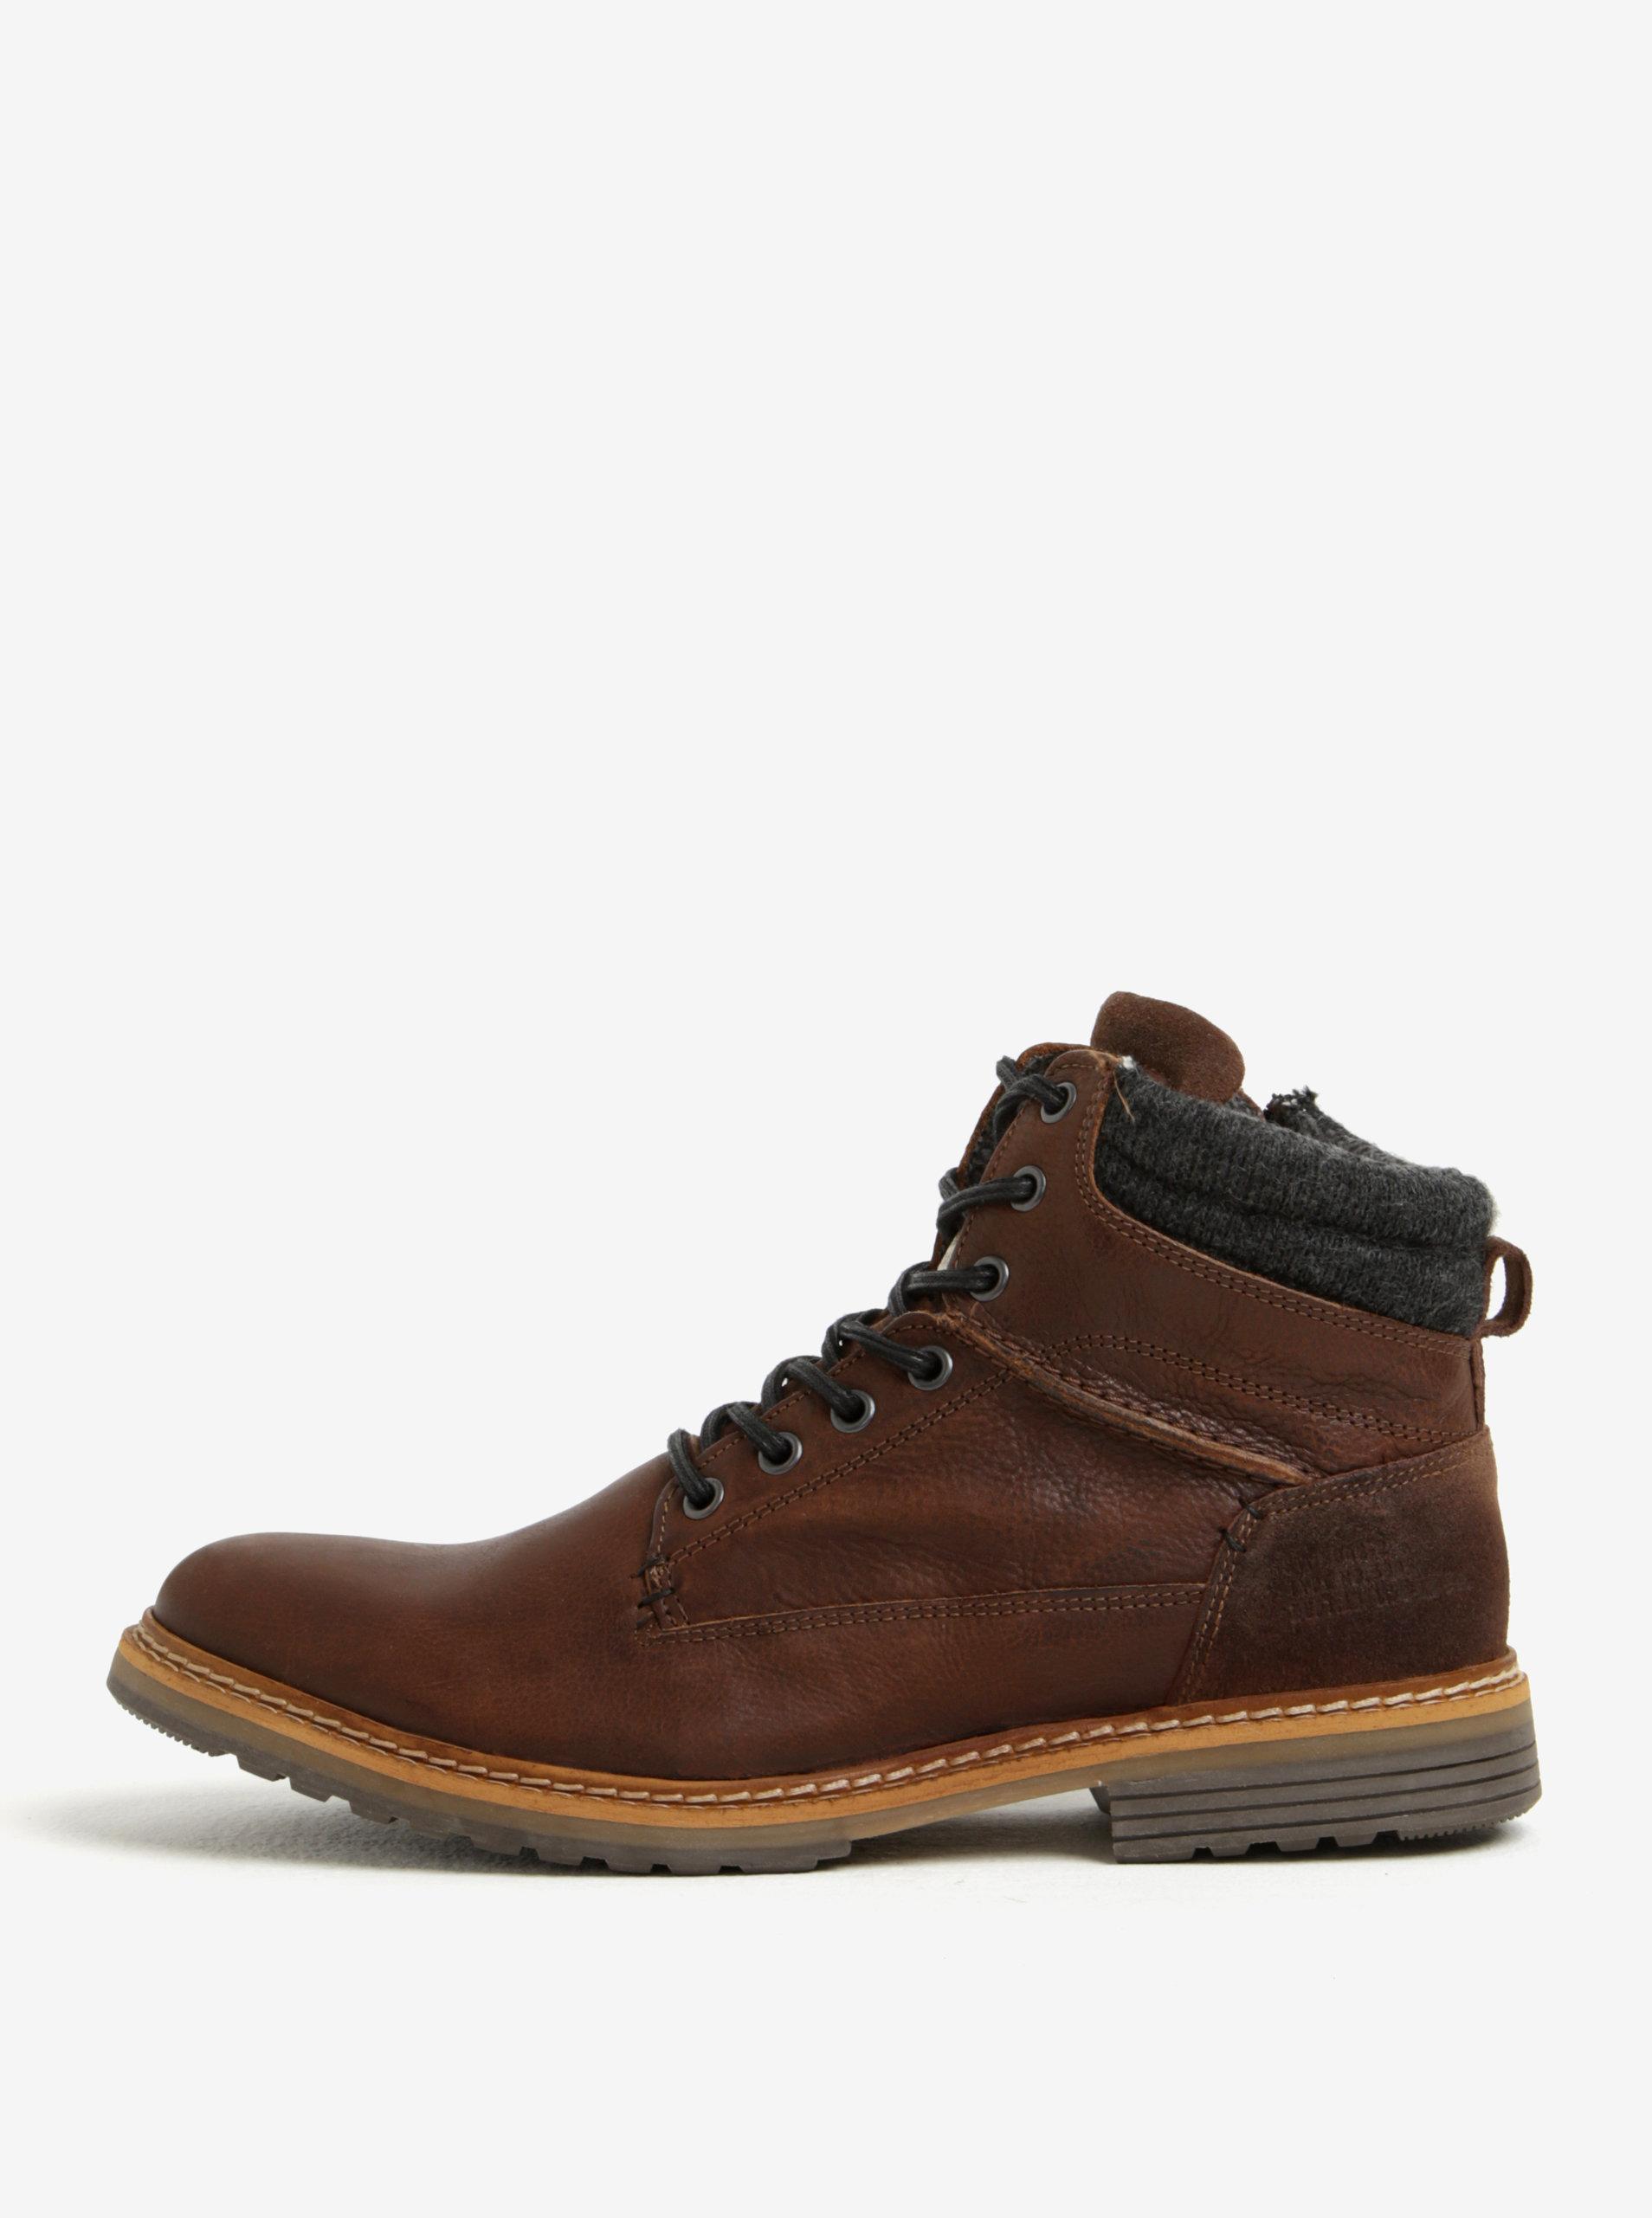 Hnedé pánske kožené členkové zimné topánky na zips Bullboxer ... e9db3fac4c2